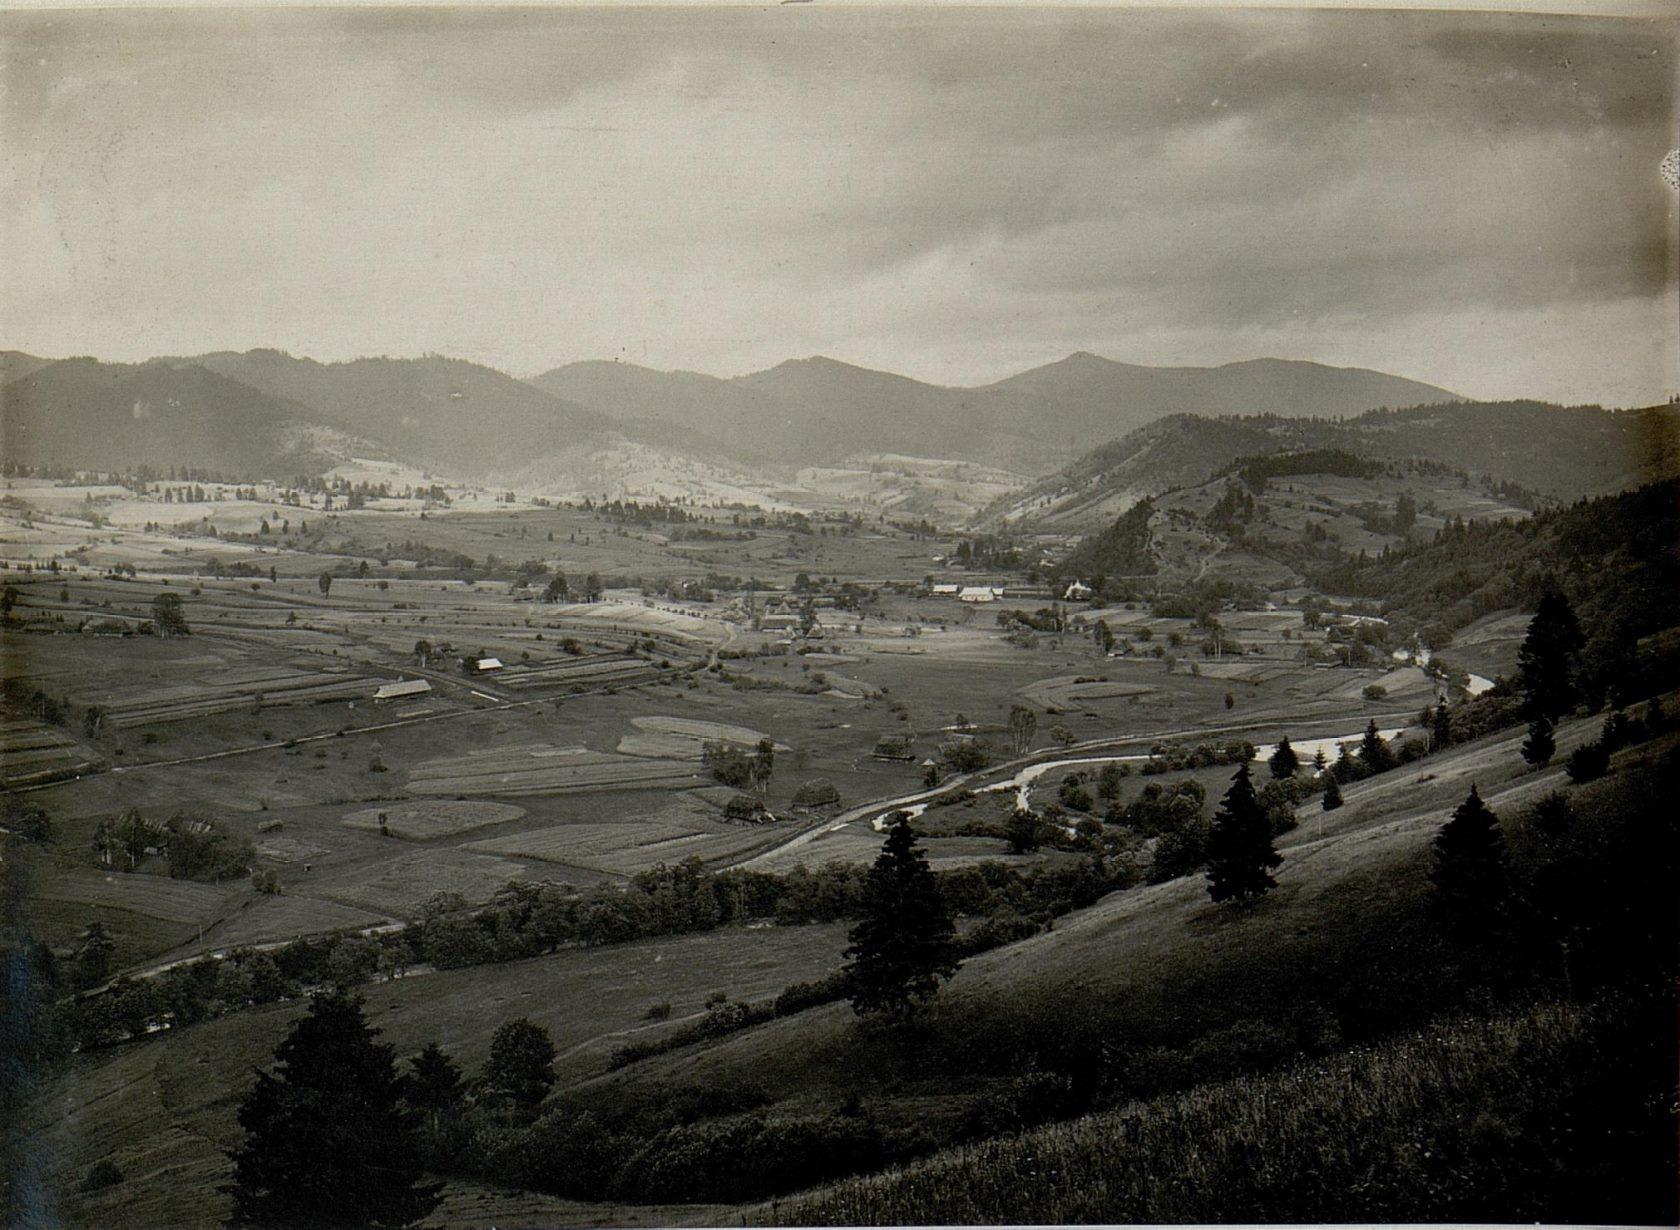 Фотографія з Віденської національної бібліотеки 1914 року з видом села Либохори та гори Маґура